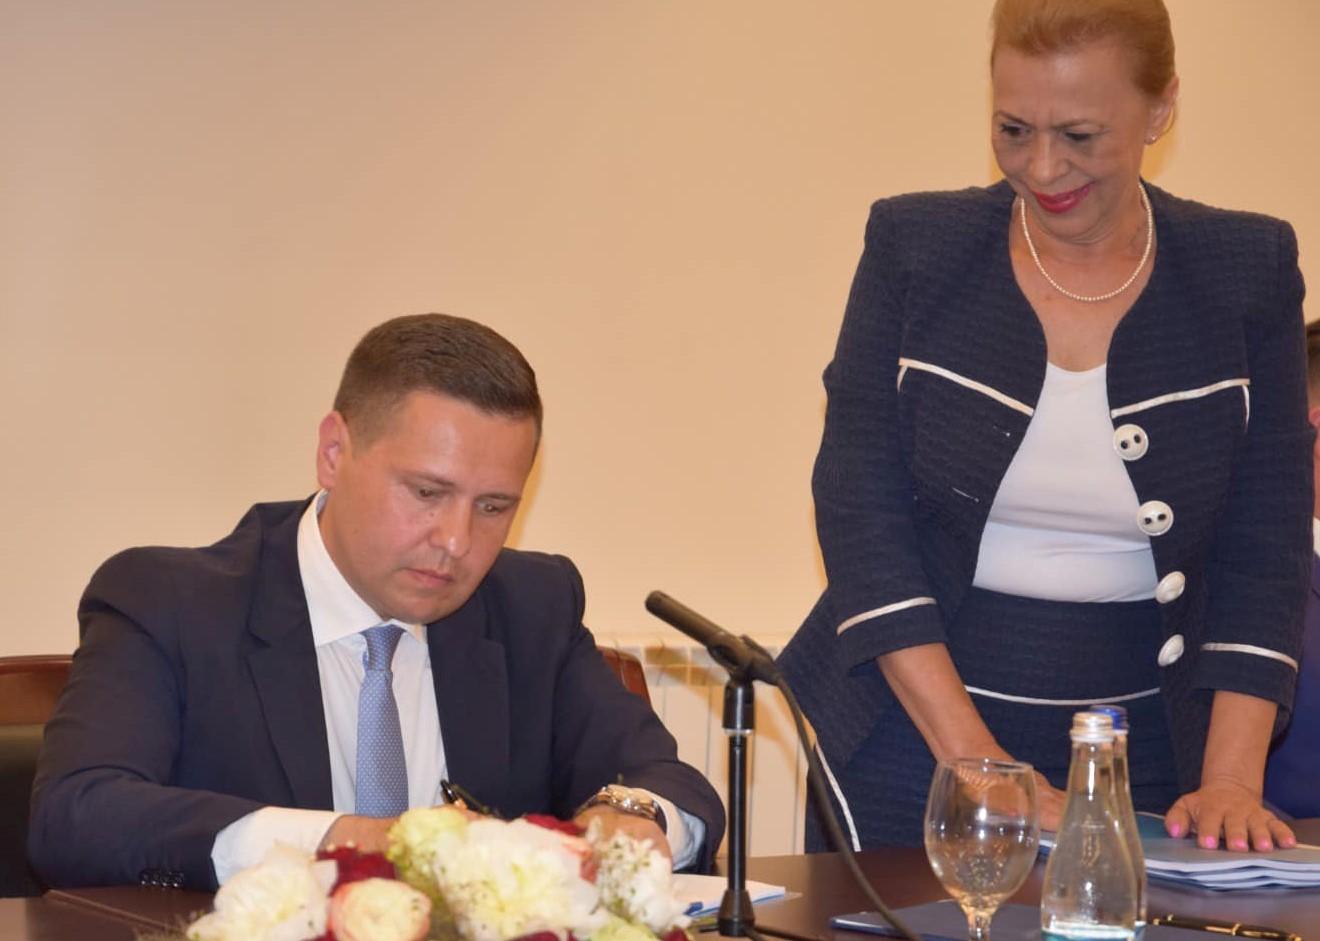 S-a semnat contractul prin care deșeurile menajere vor fi colectate selectiv în Dâmbovița, de la 1 IANUARIE 2022